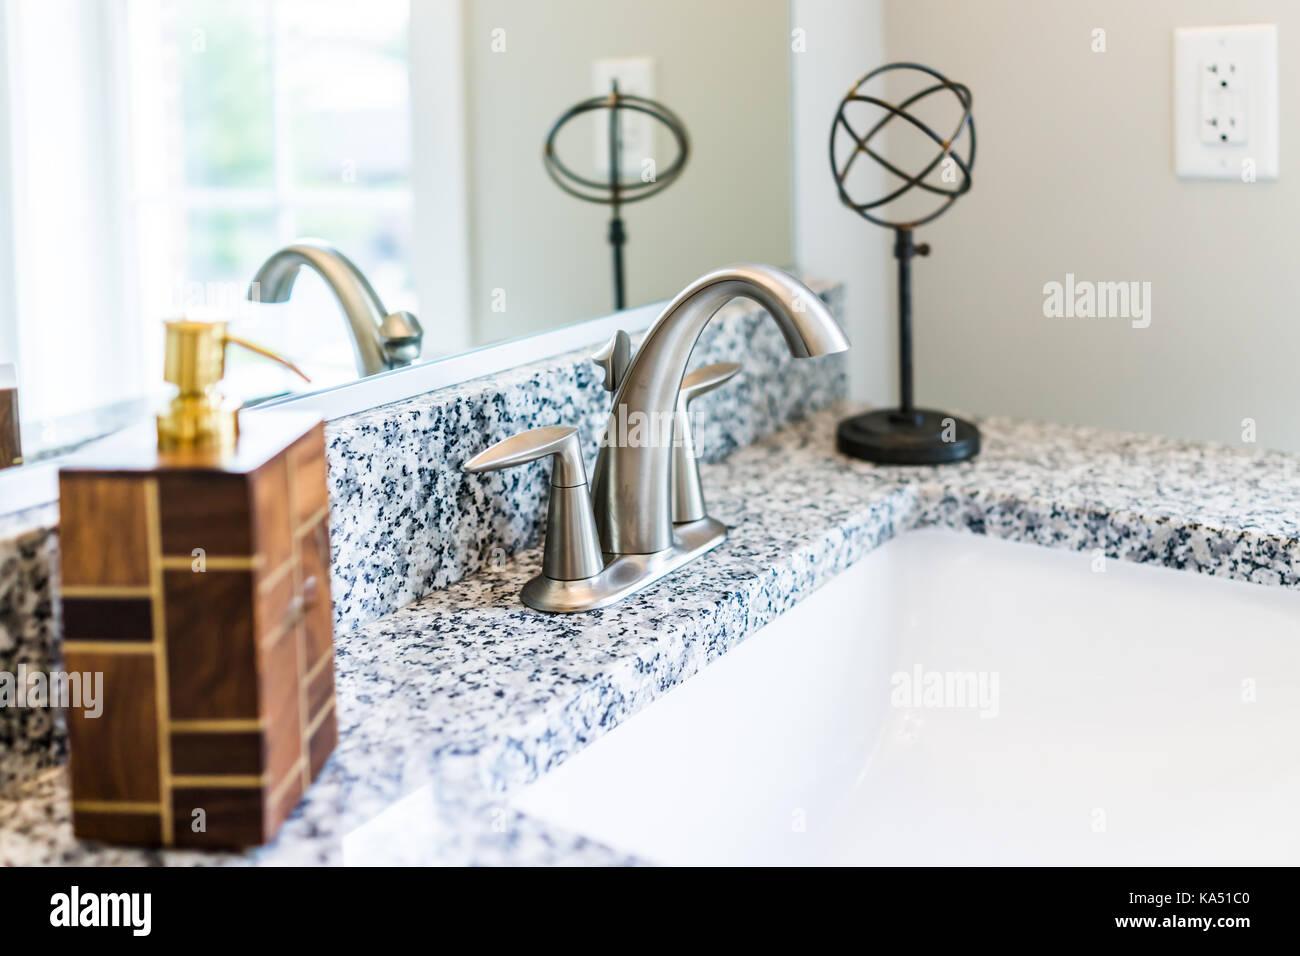 Granit Waschbecken Einbau Spule Mit Silikon Abdichten Becken In